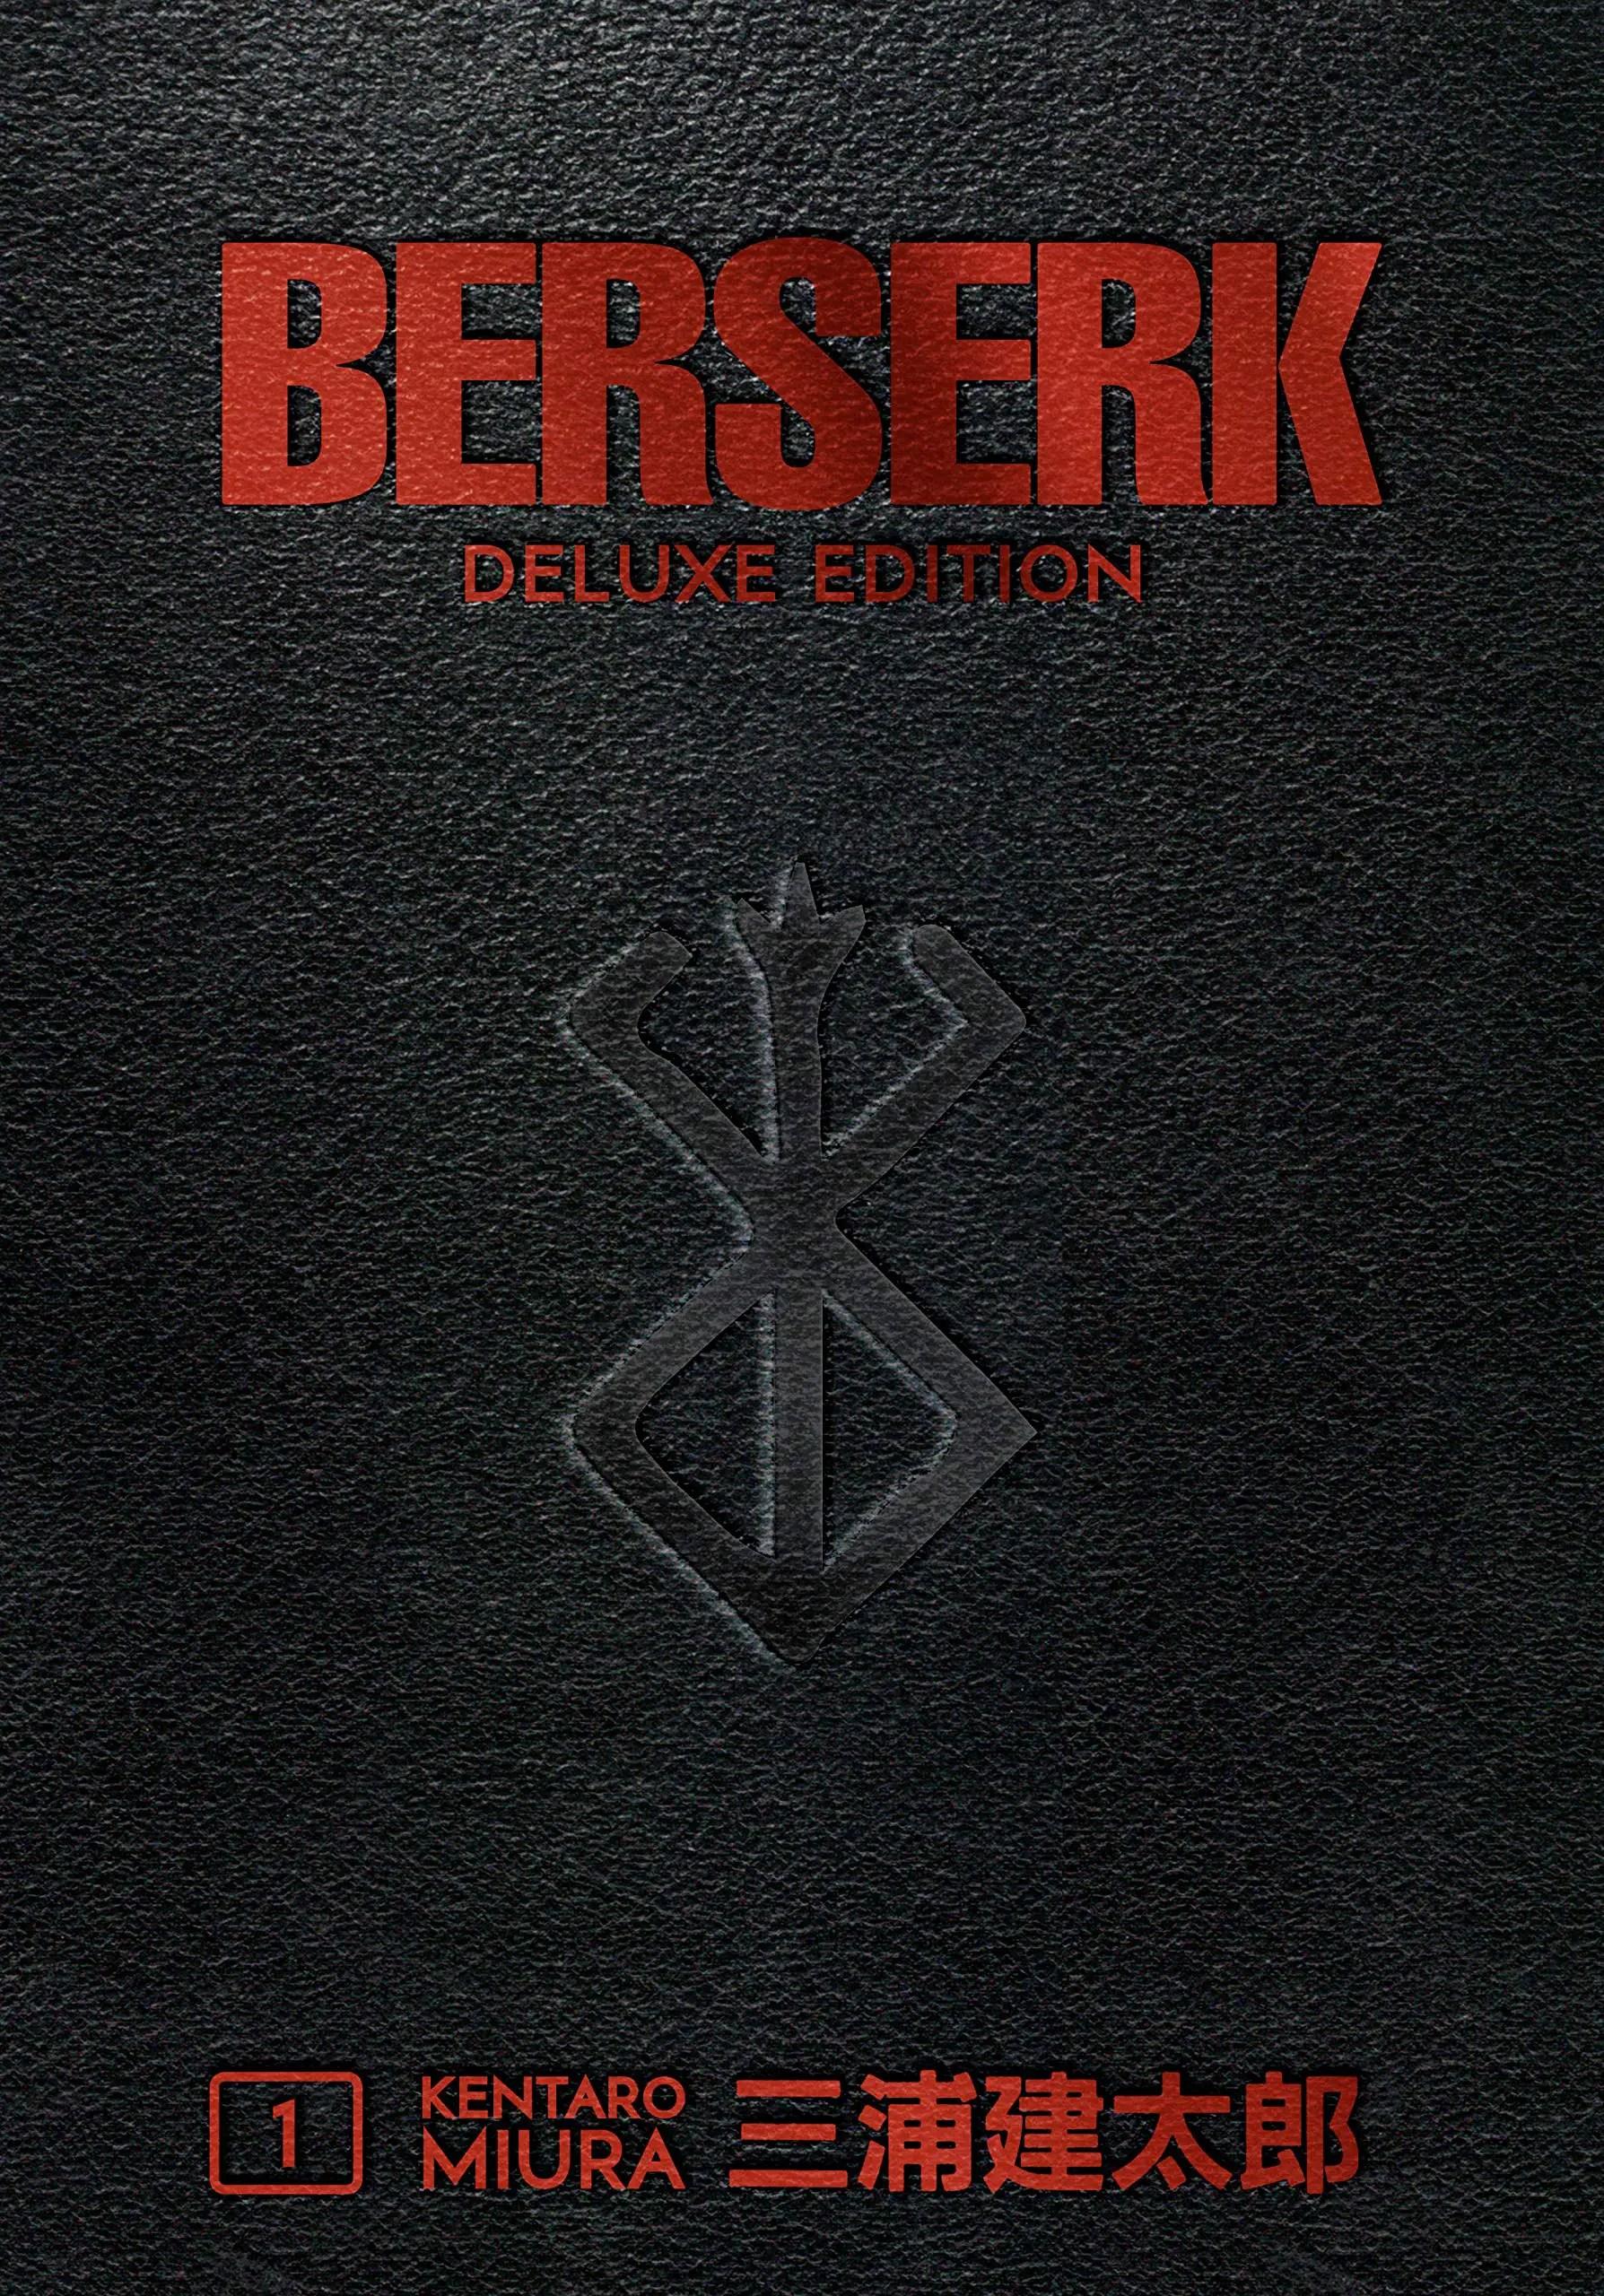 Berserk Deluxe Volume 1 Review